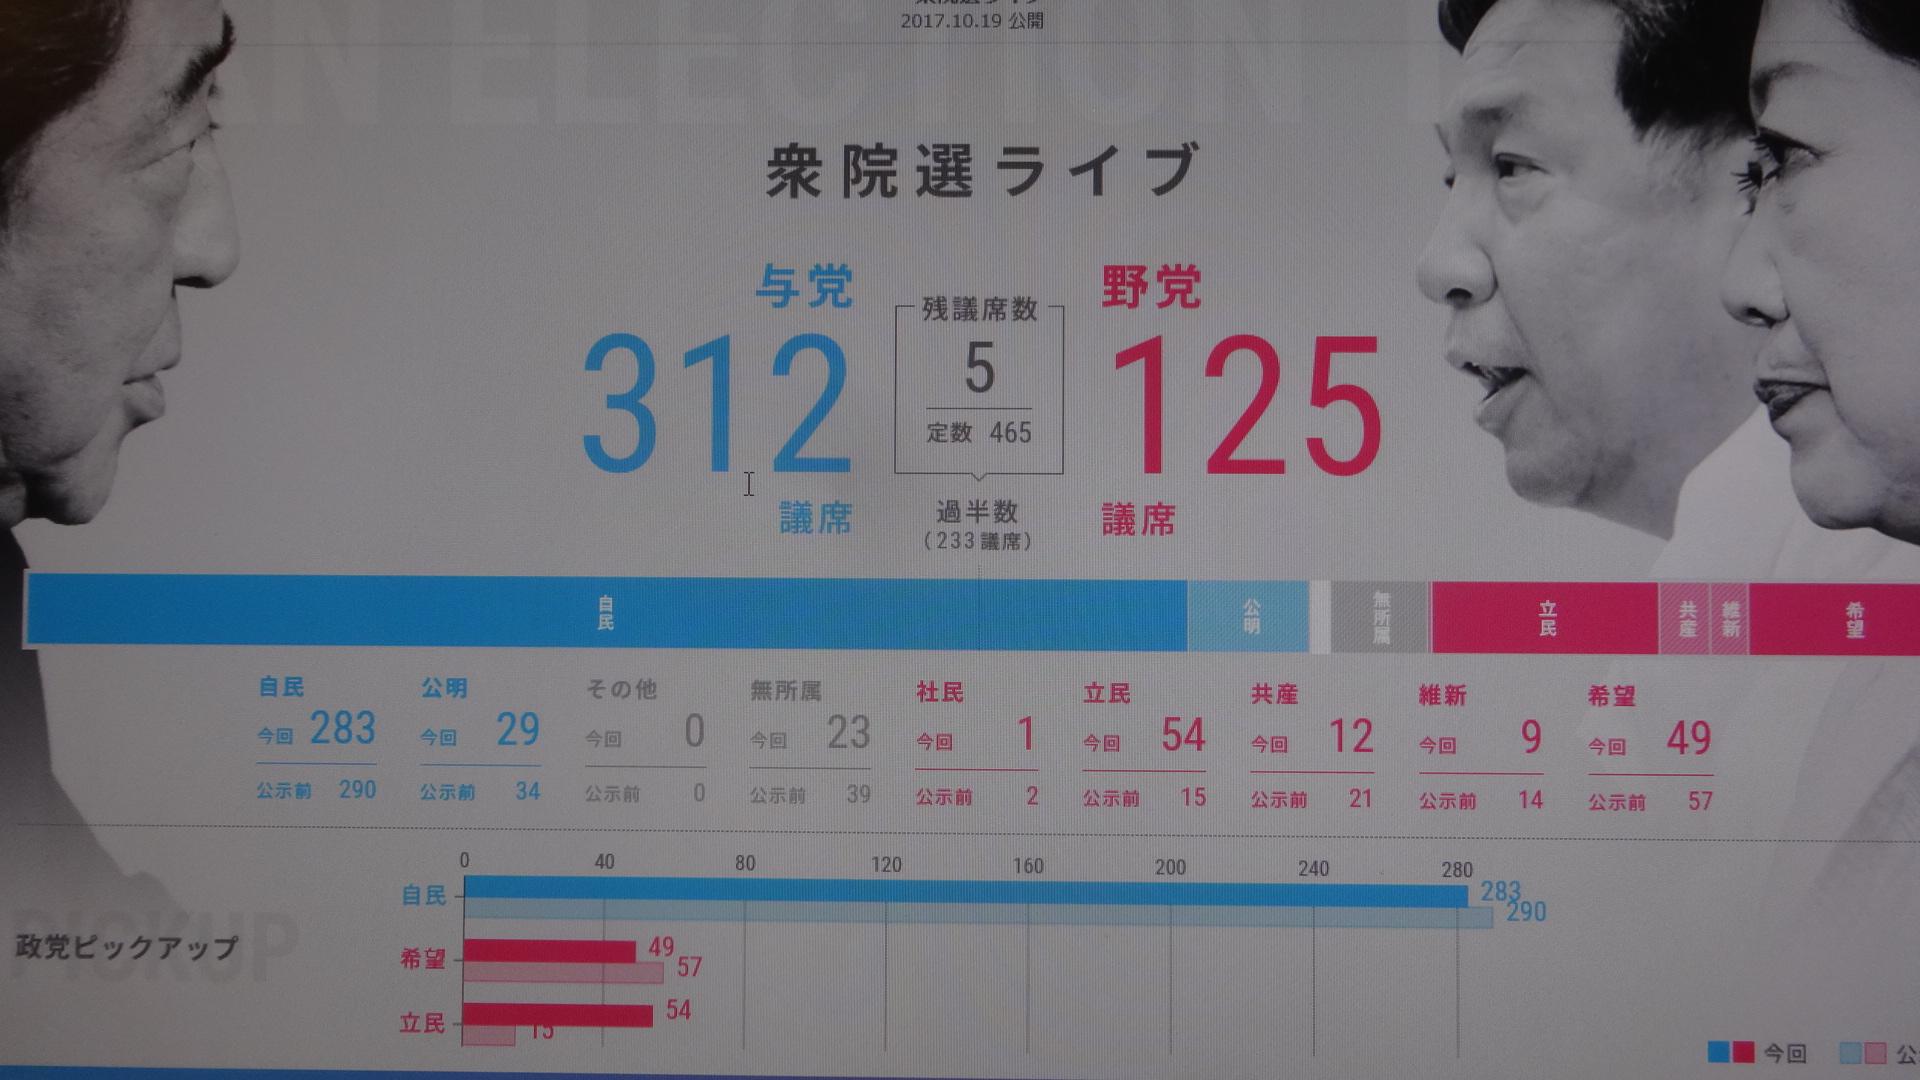 衆議院選挙の結果を示す画面